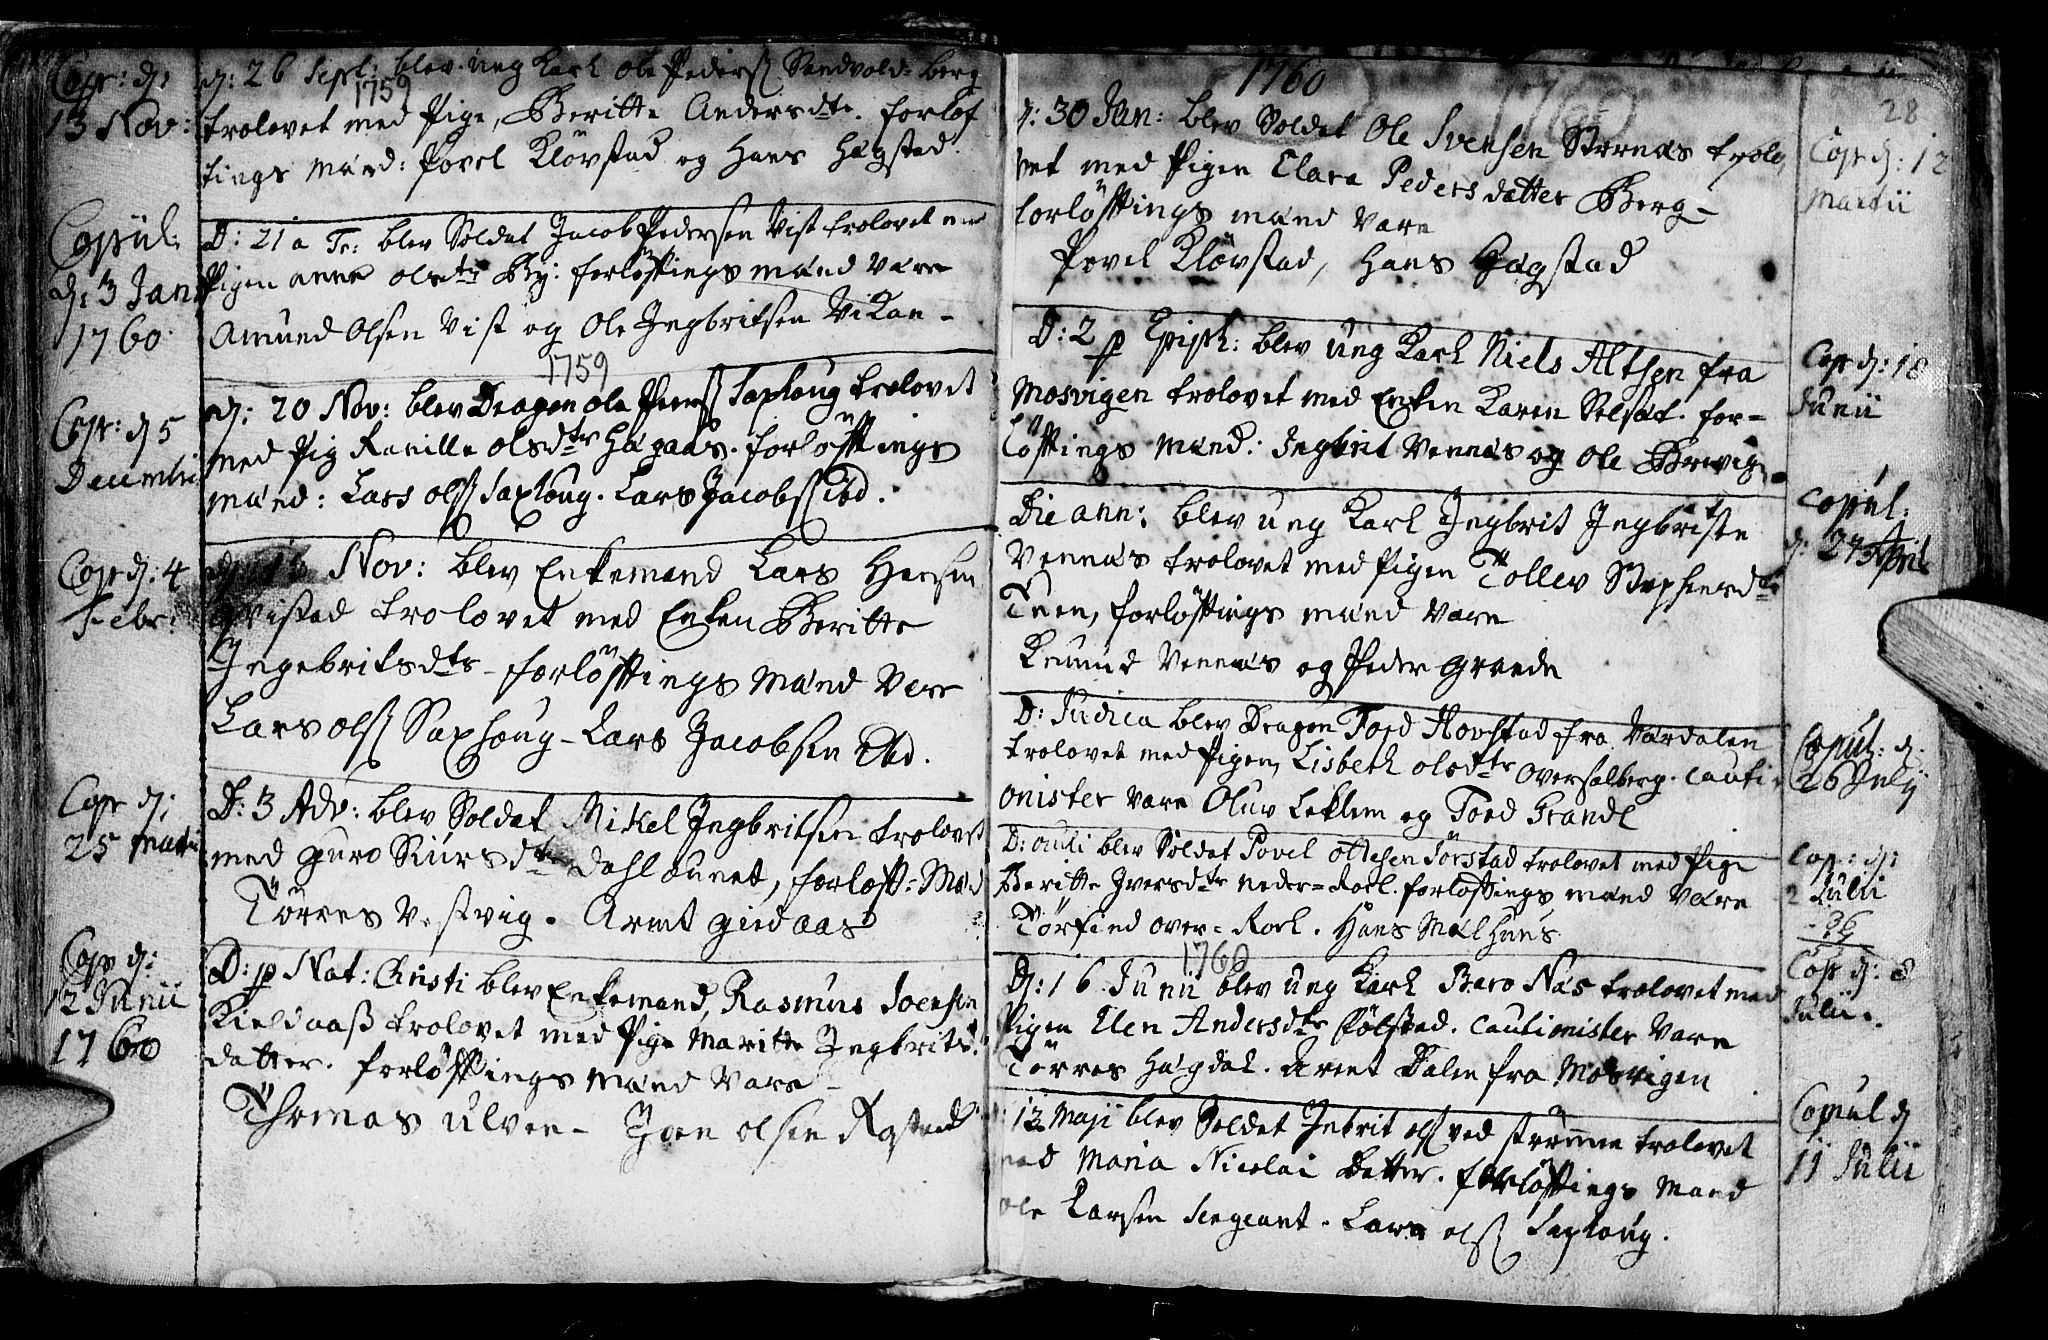 SAT, Ministerialprotokoller, klokkerbøker og fødselsregistre - Nord-Trøndelag, 730/L0272: Ministerialbok nr. 730A01, 1733-1764, s. 28